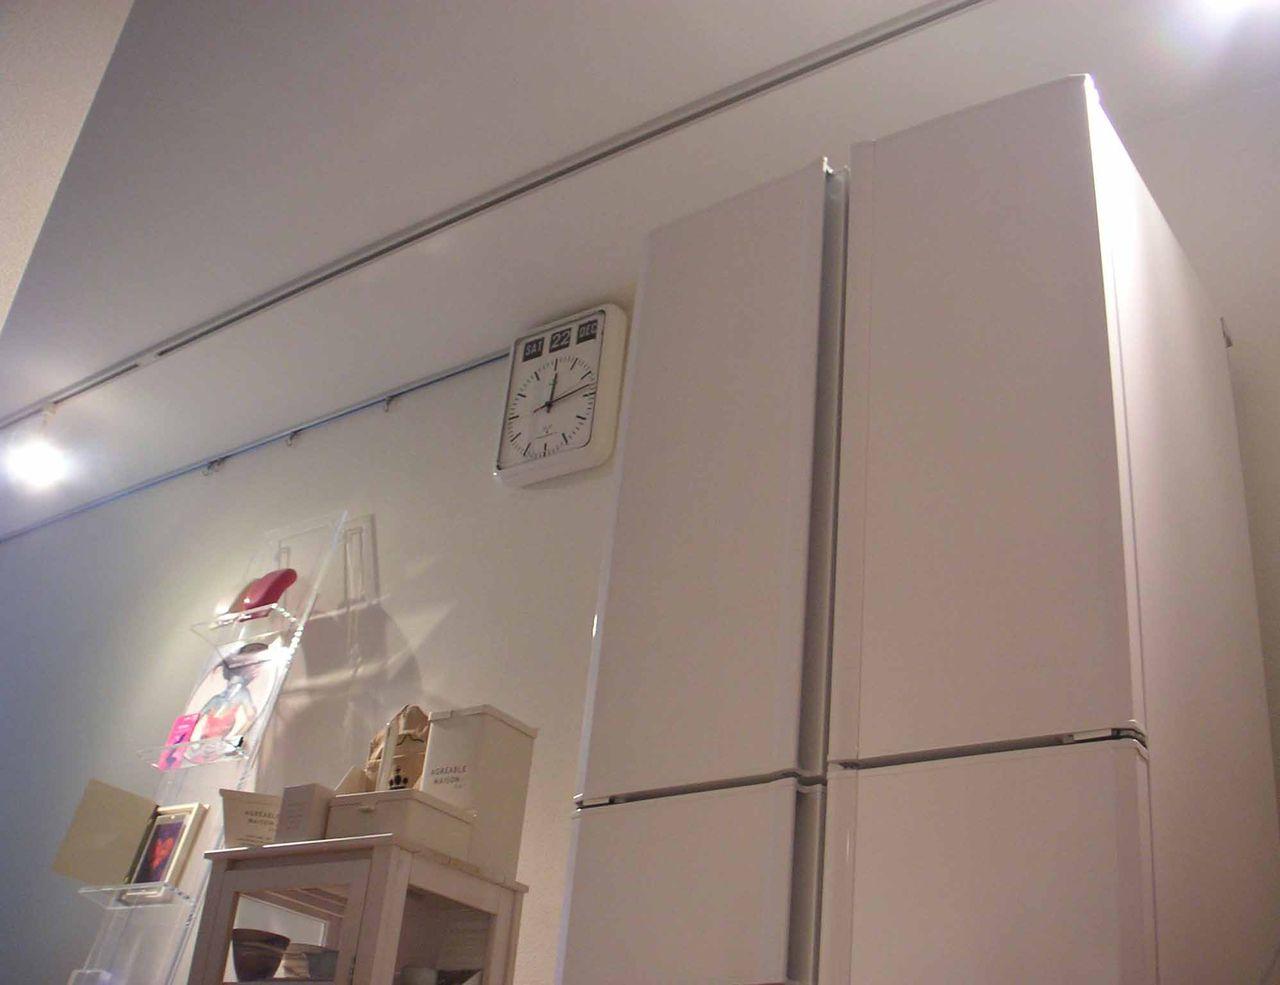 白い部屋には白いカラーの冷蔵庫 おしゃれなカラー